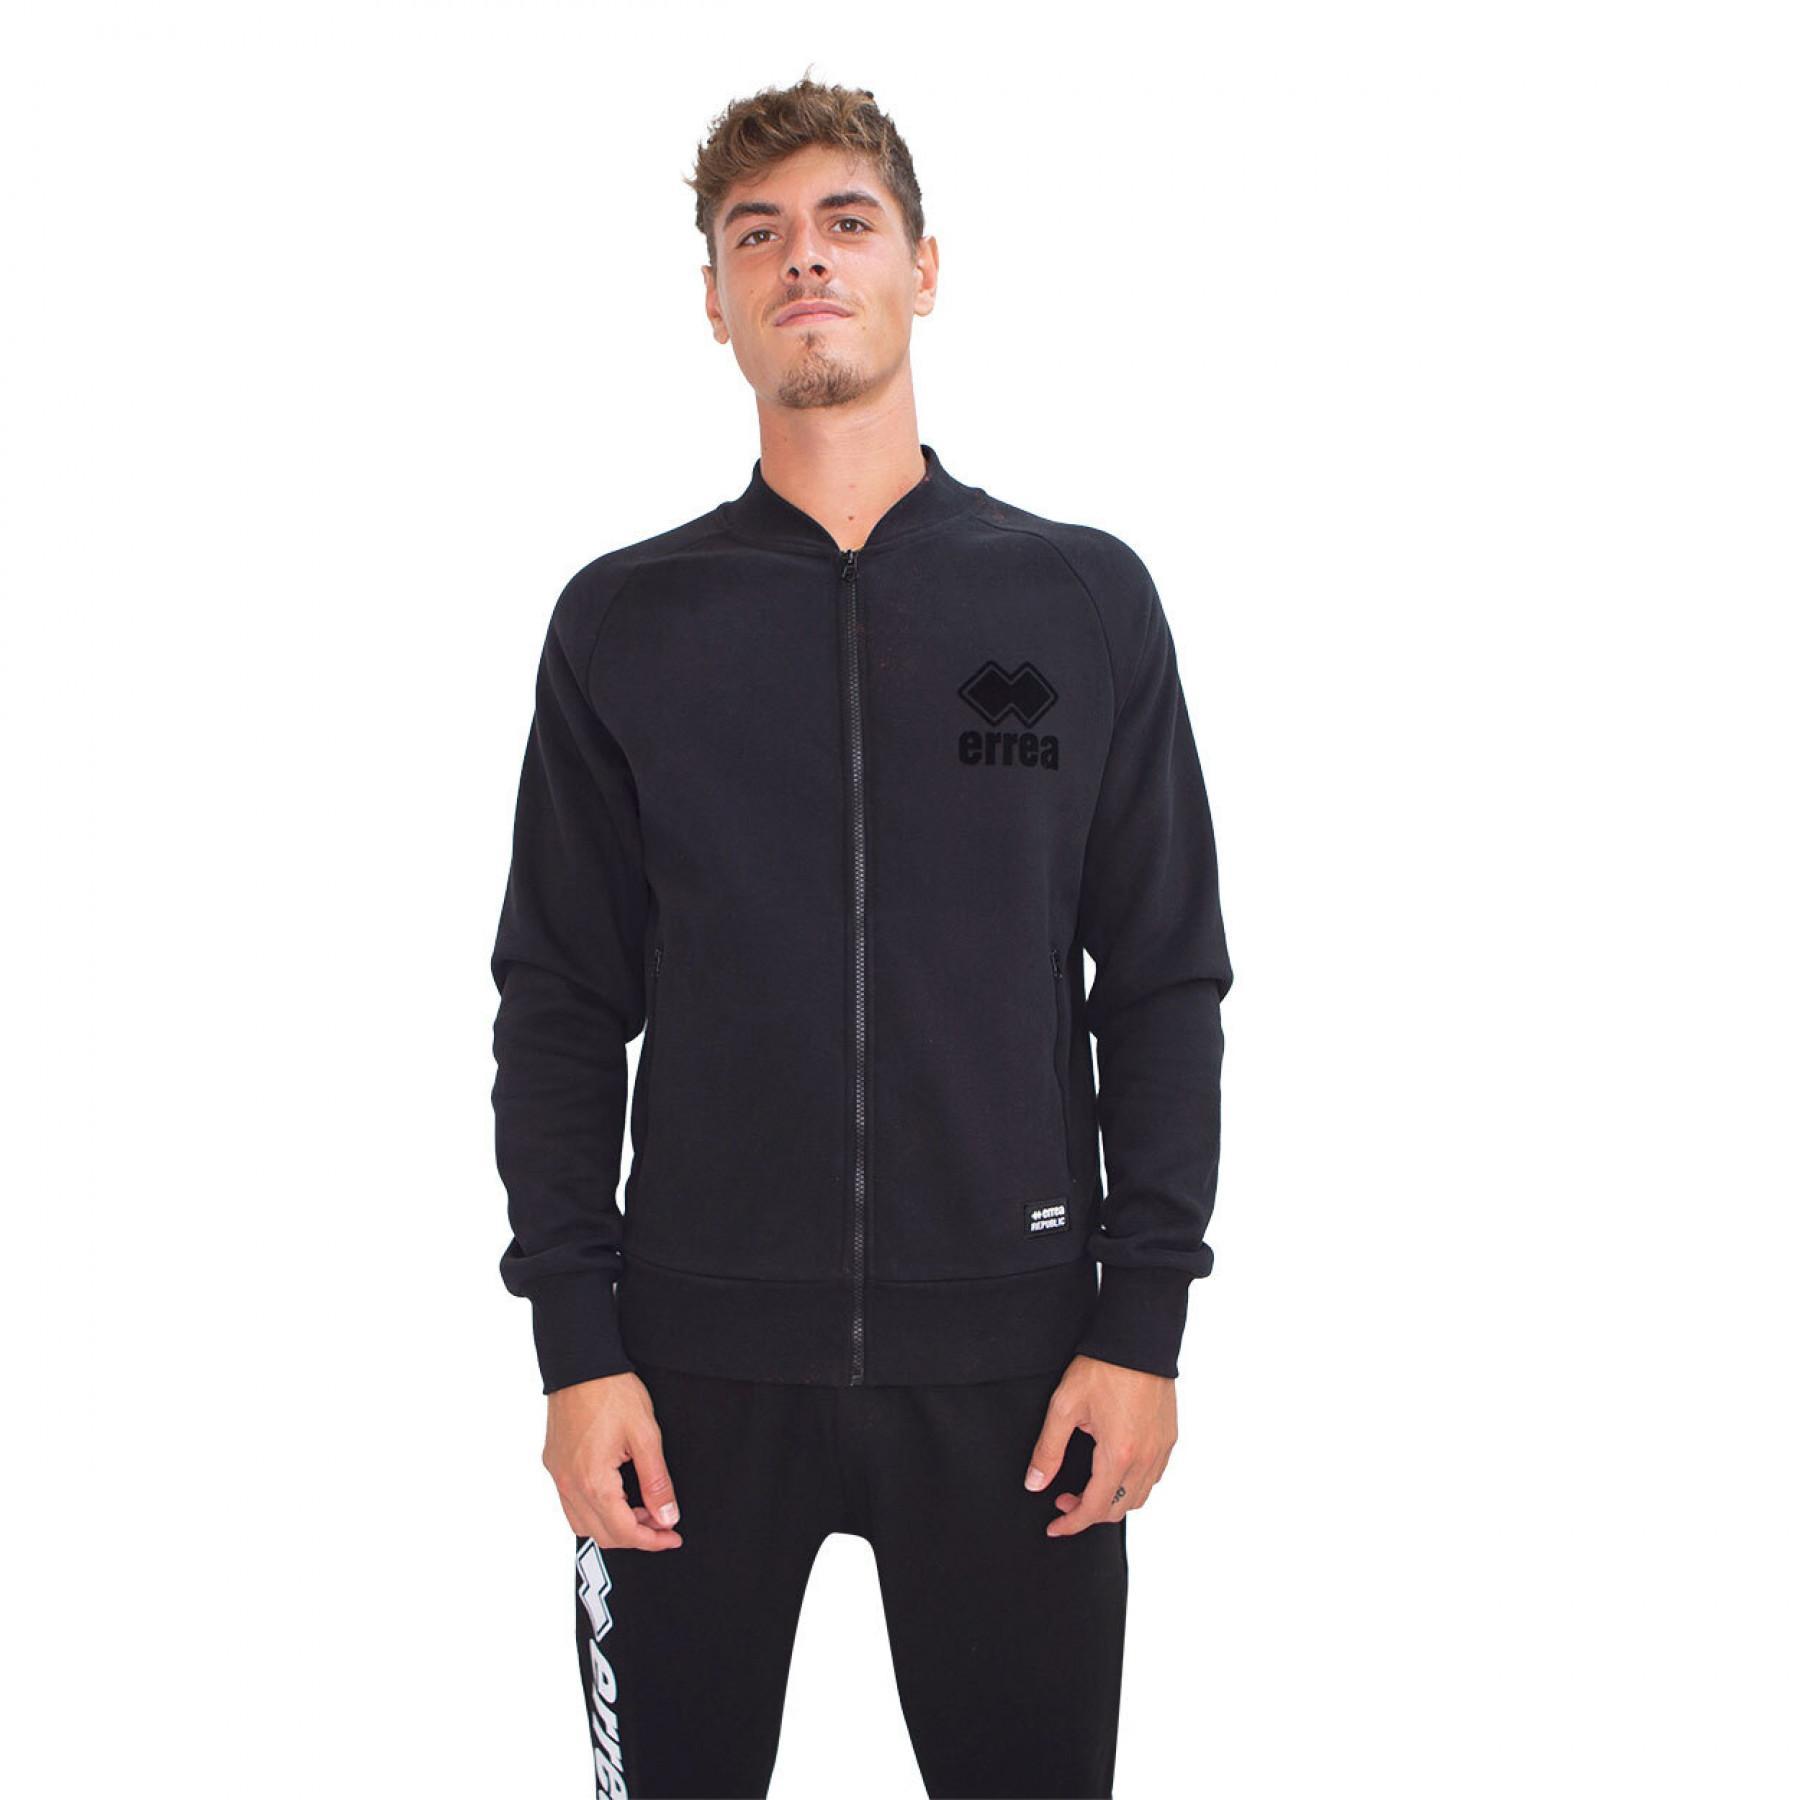 Errea Essential Classic Jacket